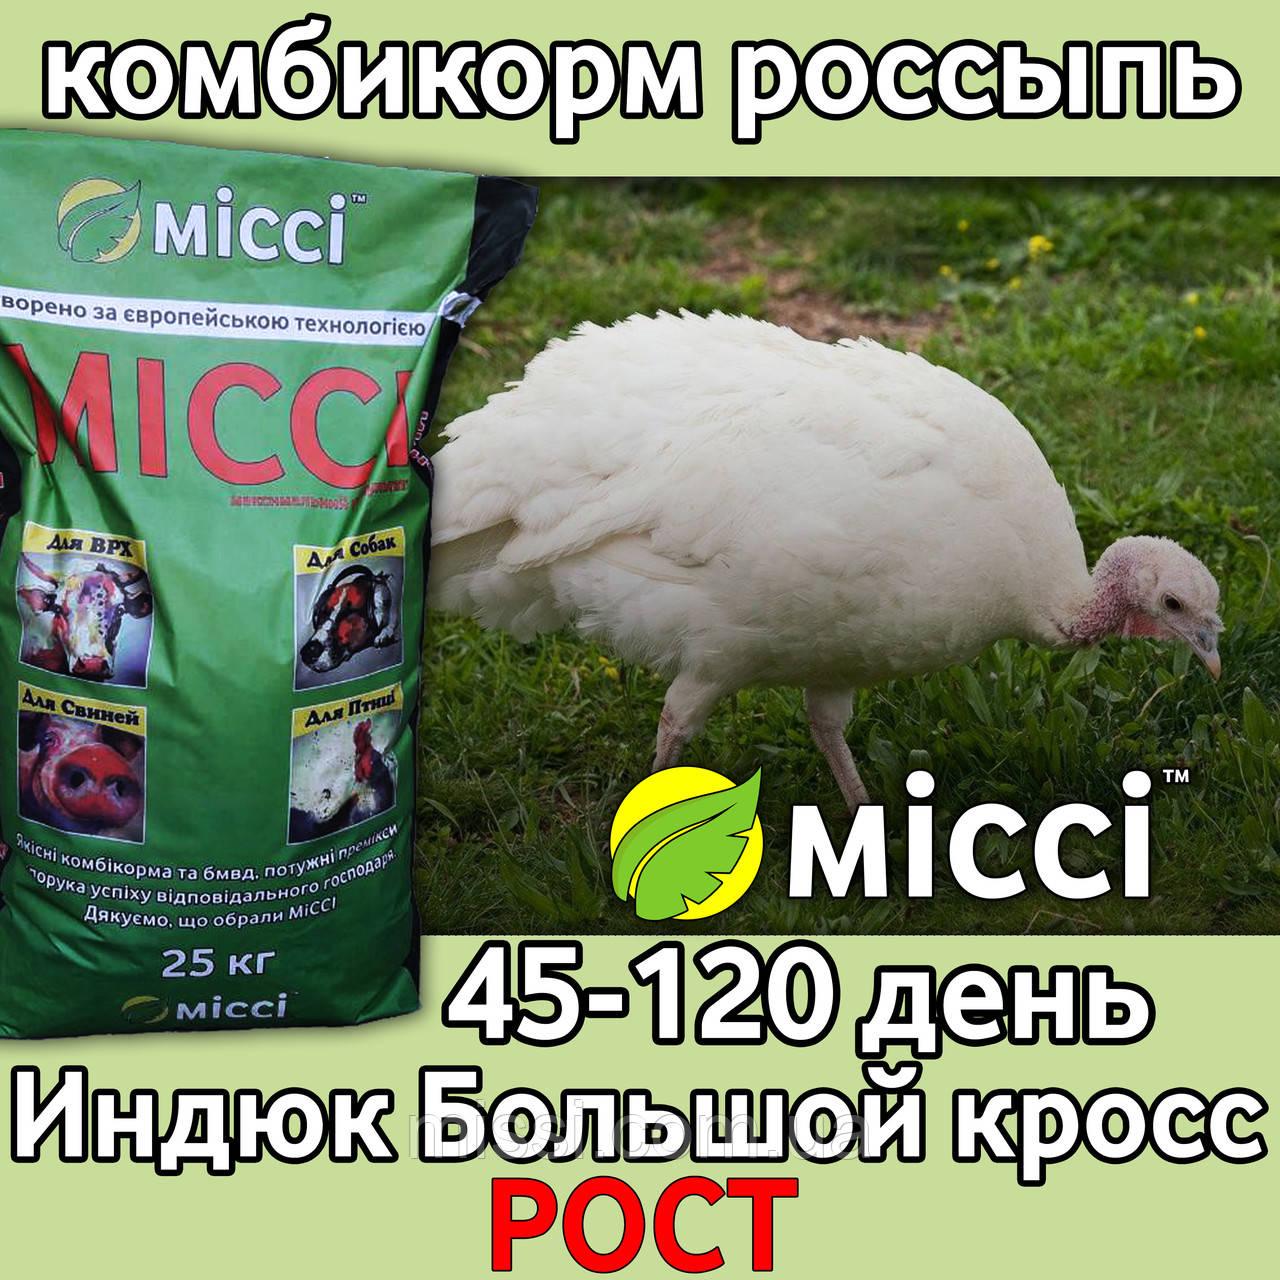 Комбикорм РОСТ для ИНДЮКОВ (45-120 дней) большого кросса (мешок 25 кг), Міссі